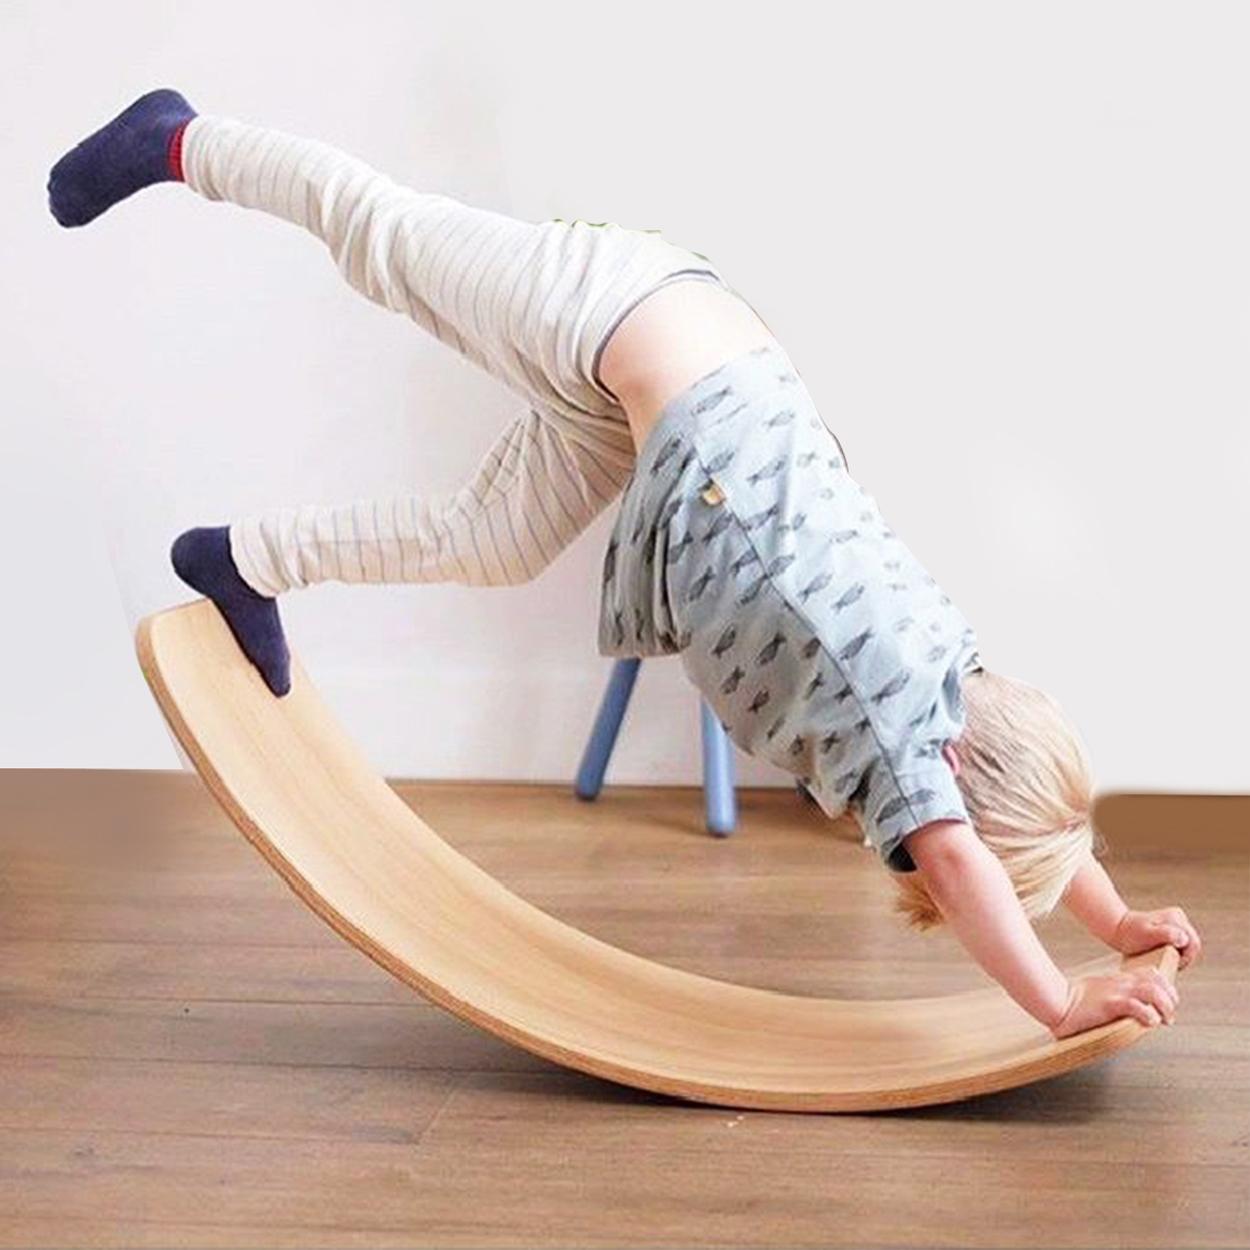 Учебные пособия по методике Монтессори, воблеры, изогнутые обучающие игрушки для йоги, детские деревянные балансирующие доски